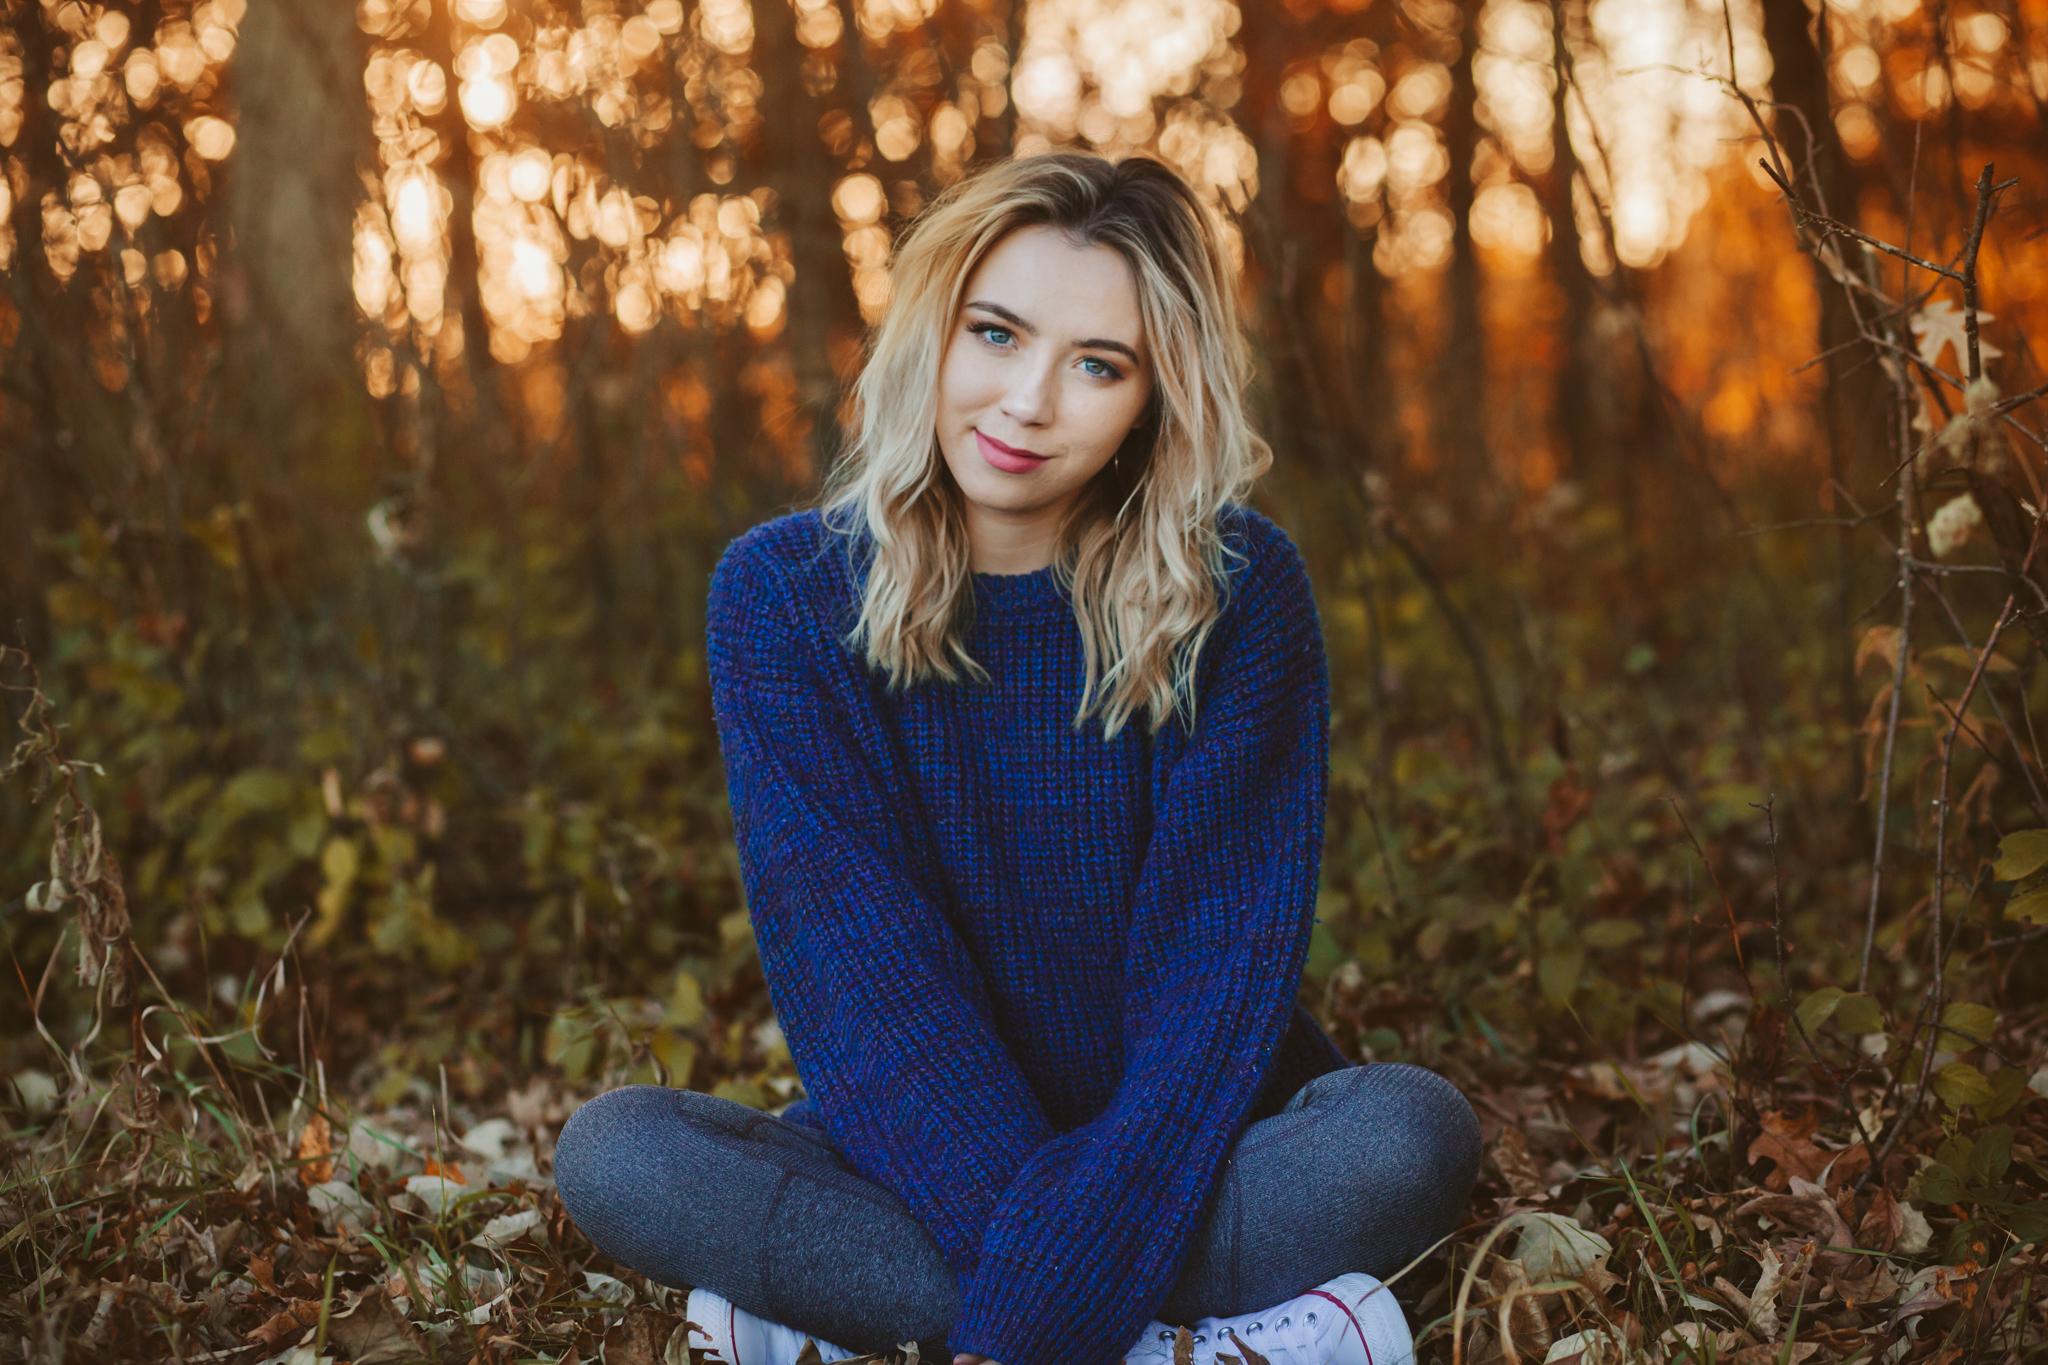 Jasmine - c/o 2019 - Amazing photographer!!!